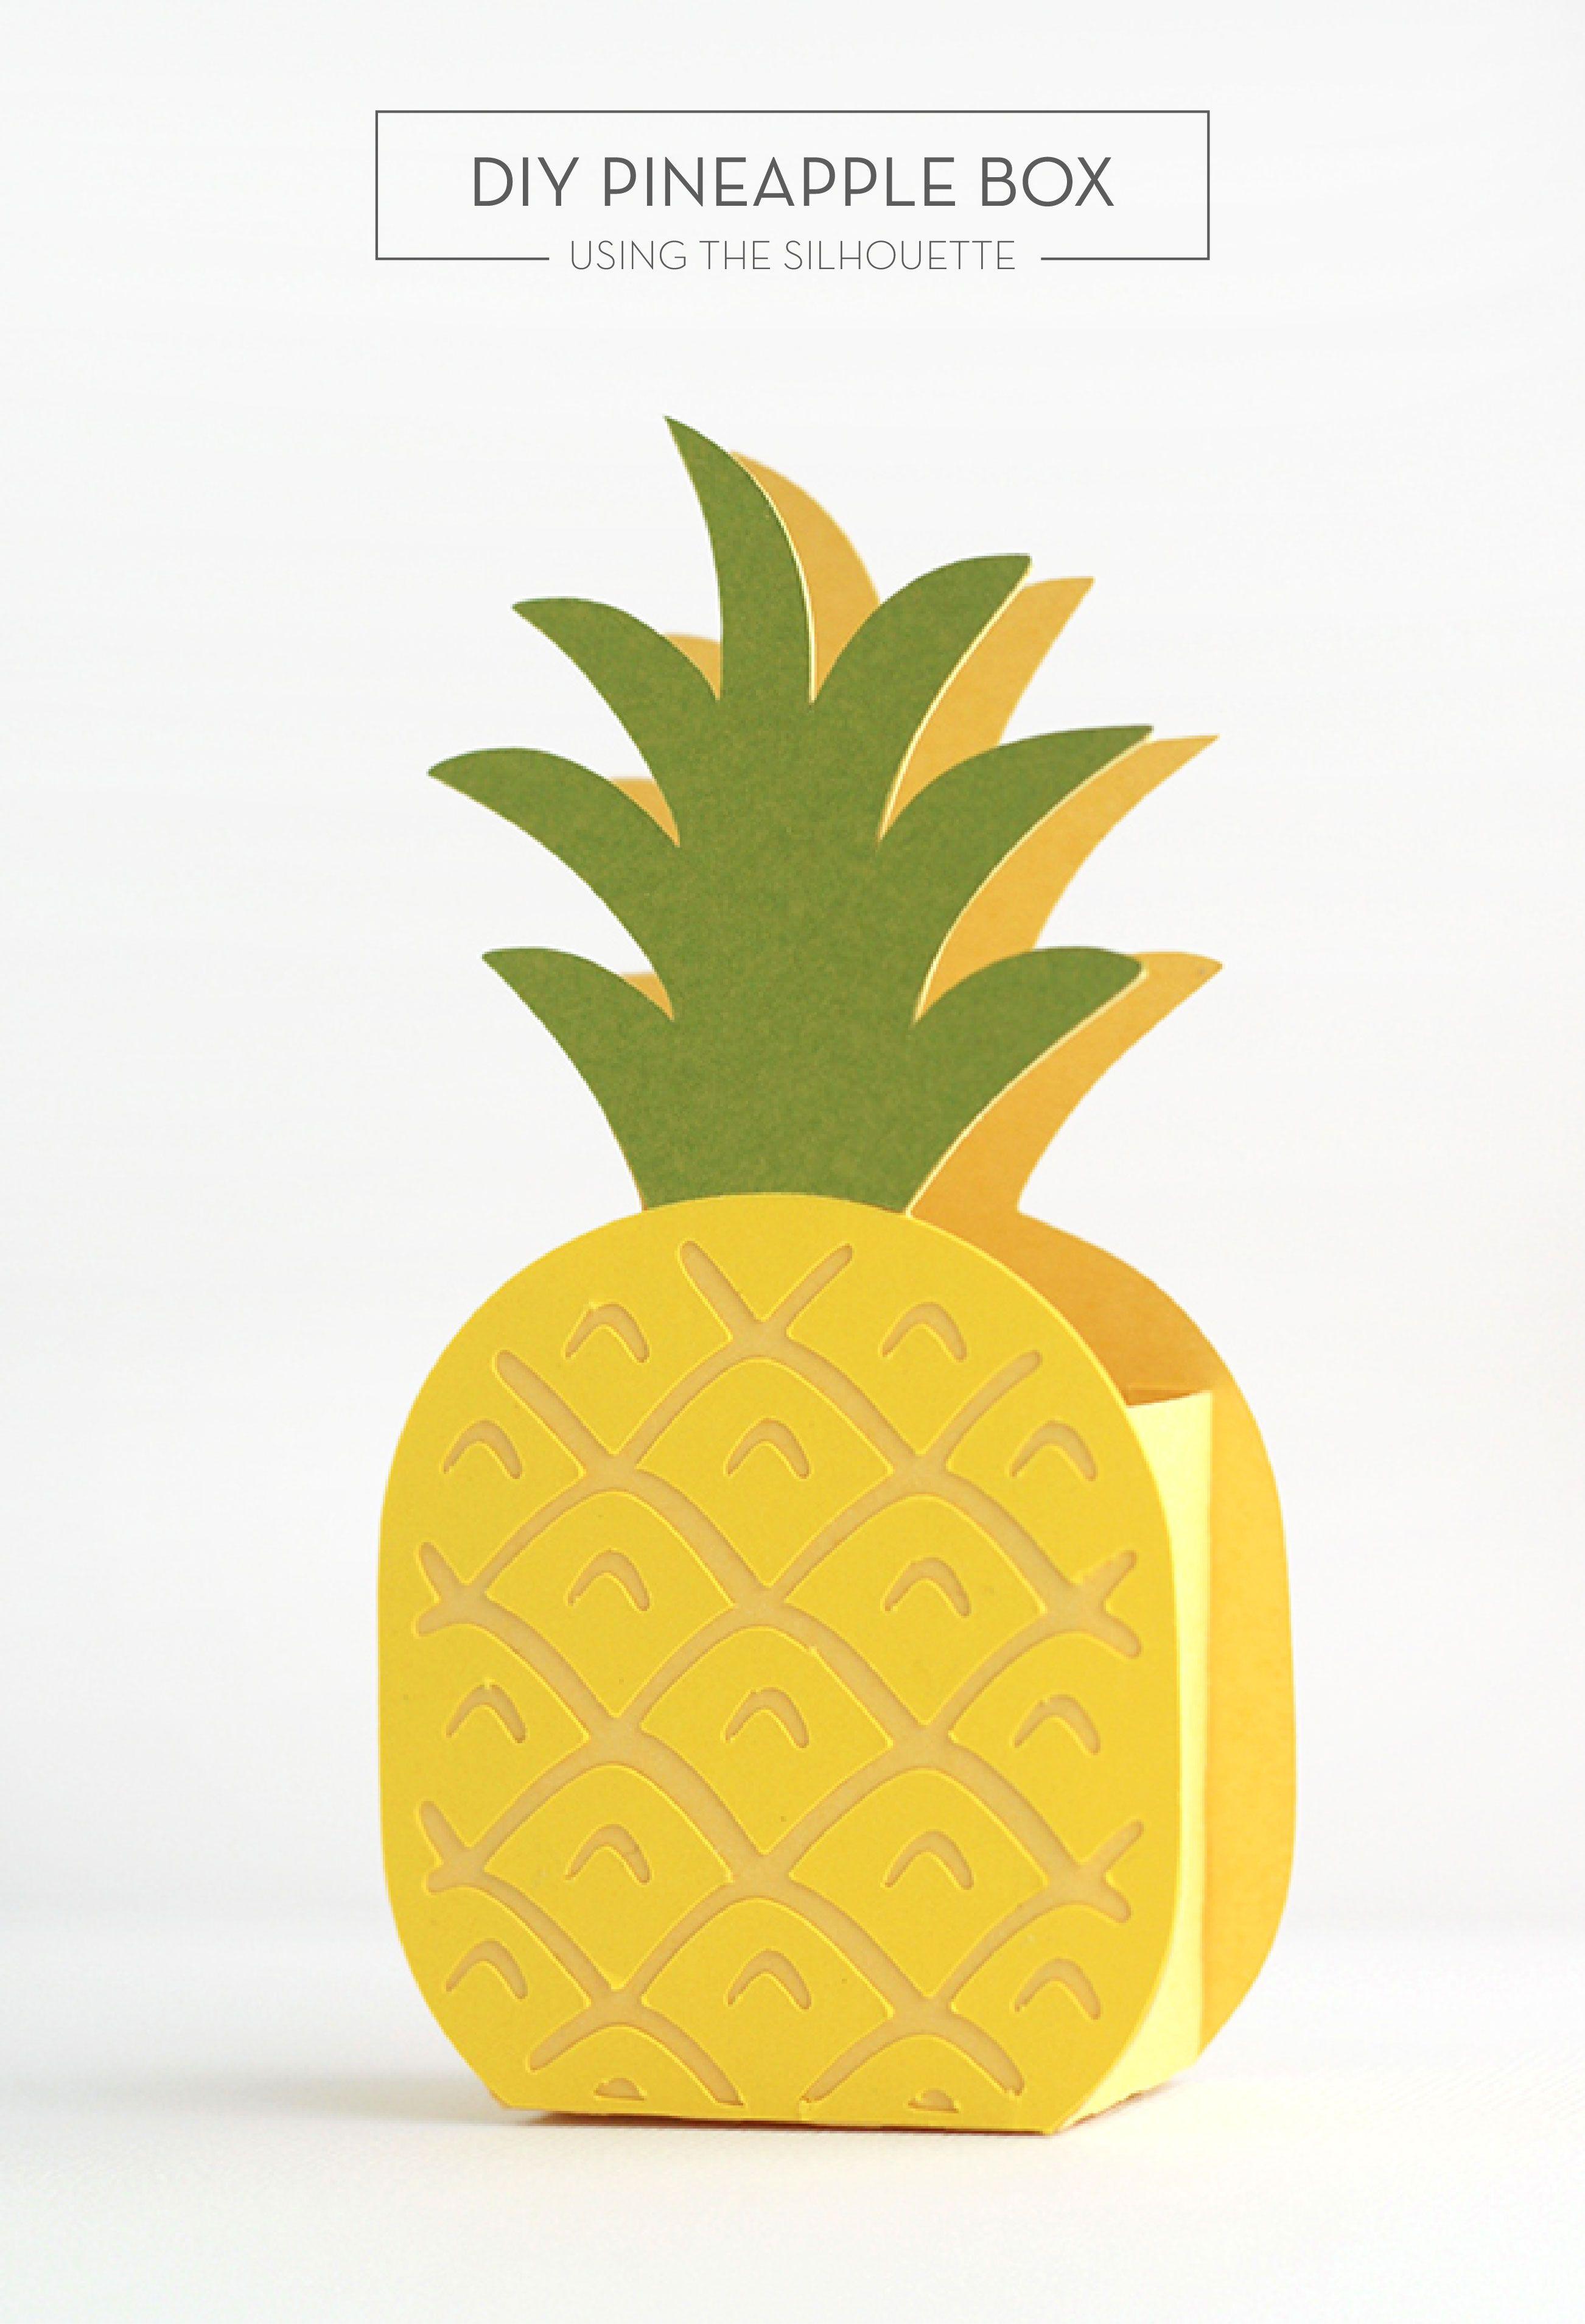 box tutorial ananas pineapple pinterest diy geschenke basteln und ananas. Black Bedroom Furniture Sets. Home Design Ideas